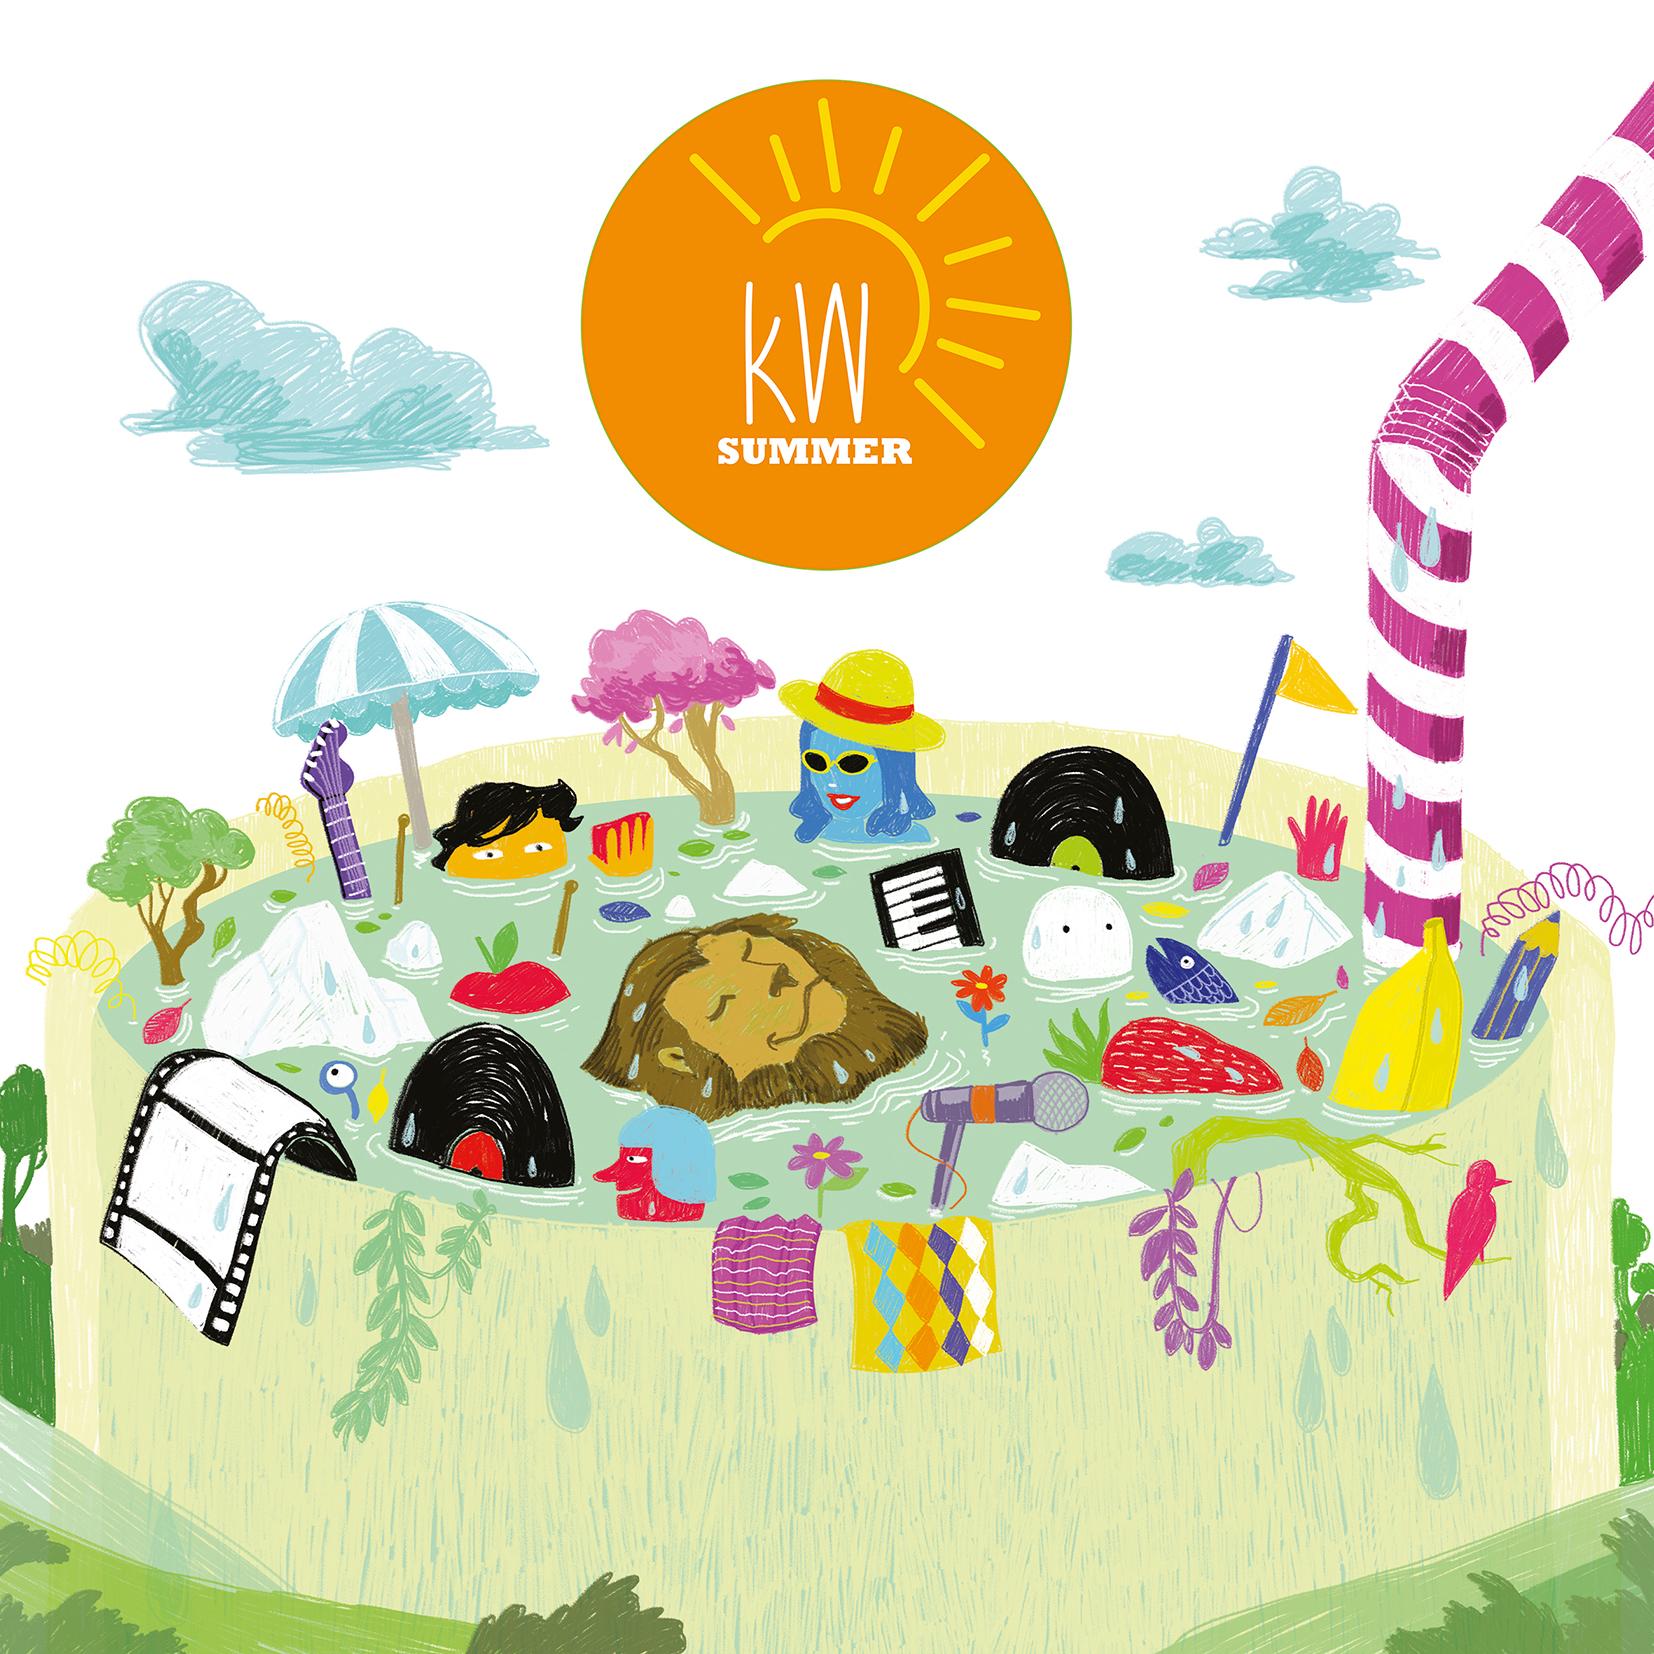 Kilowatt summer